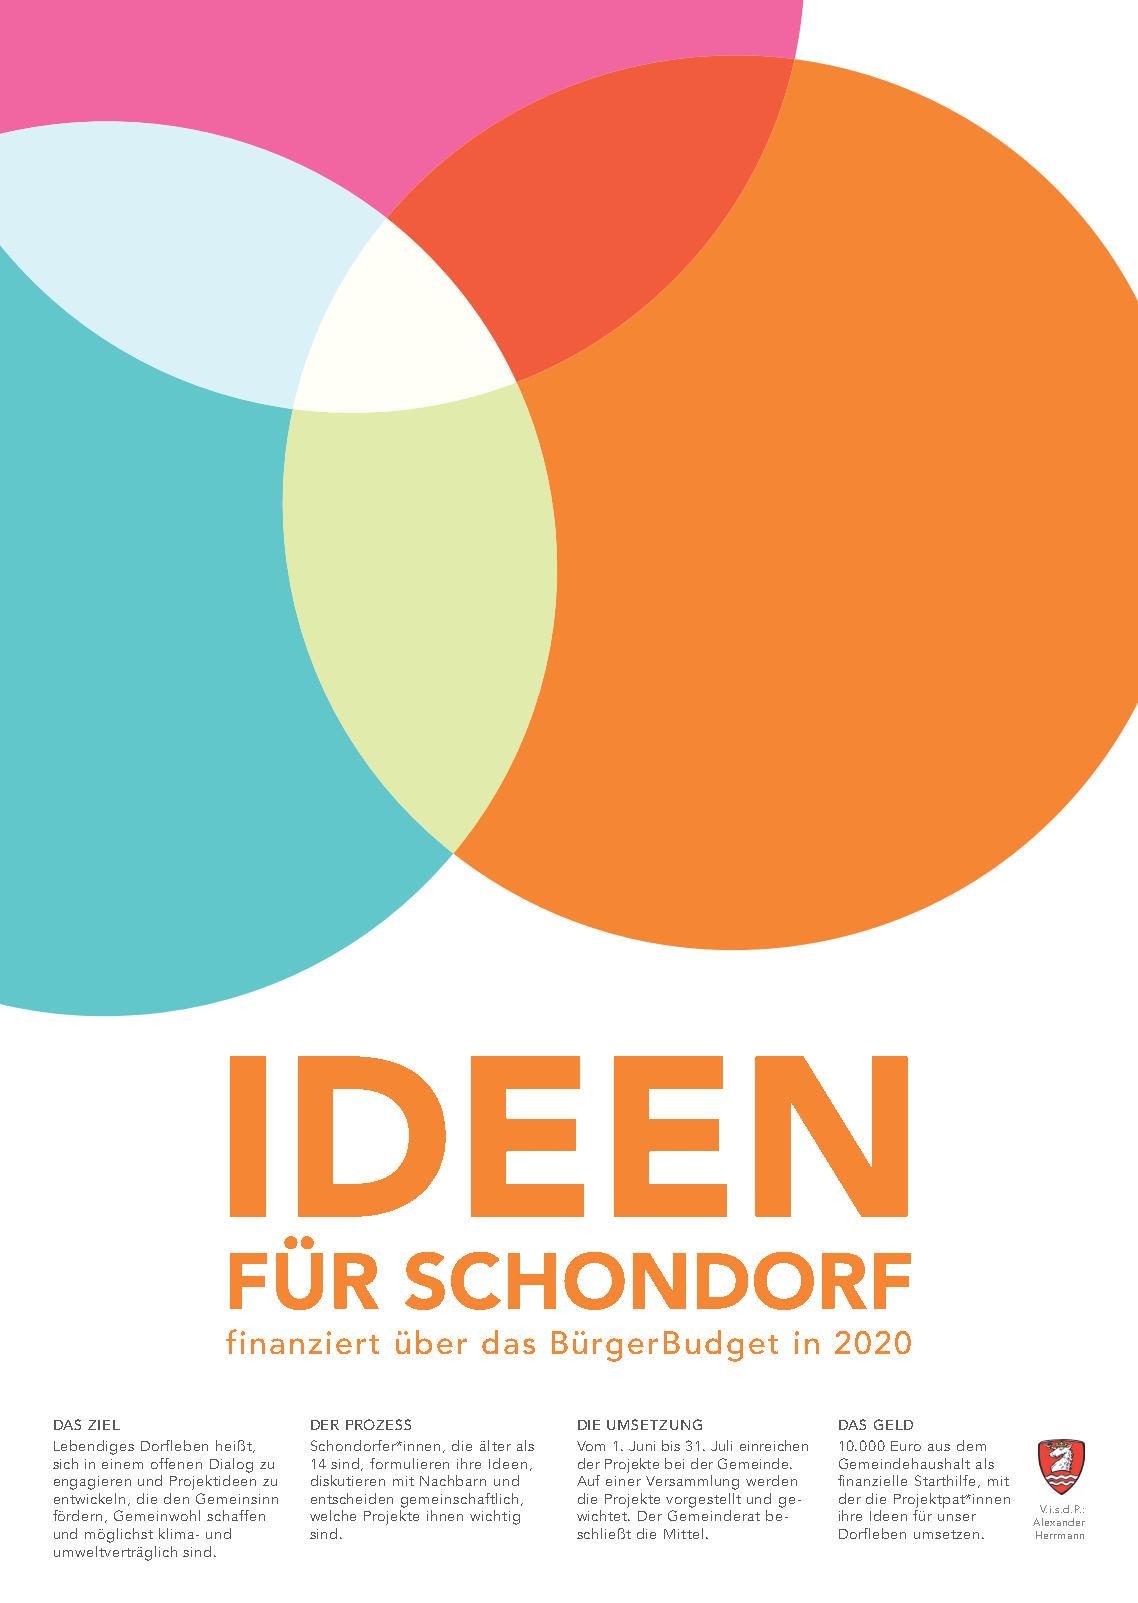 Schondorfer Bürgerbudget